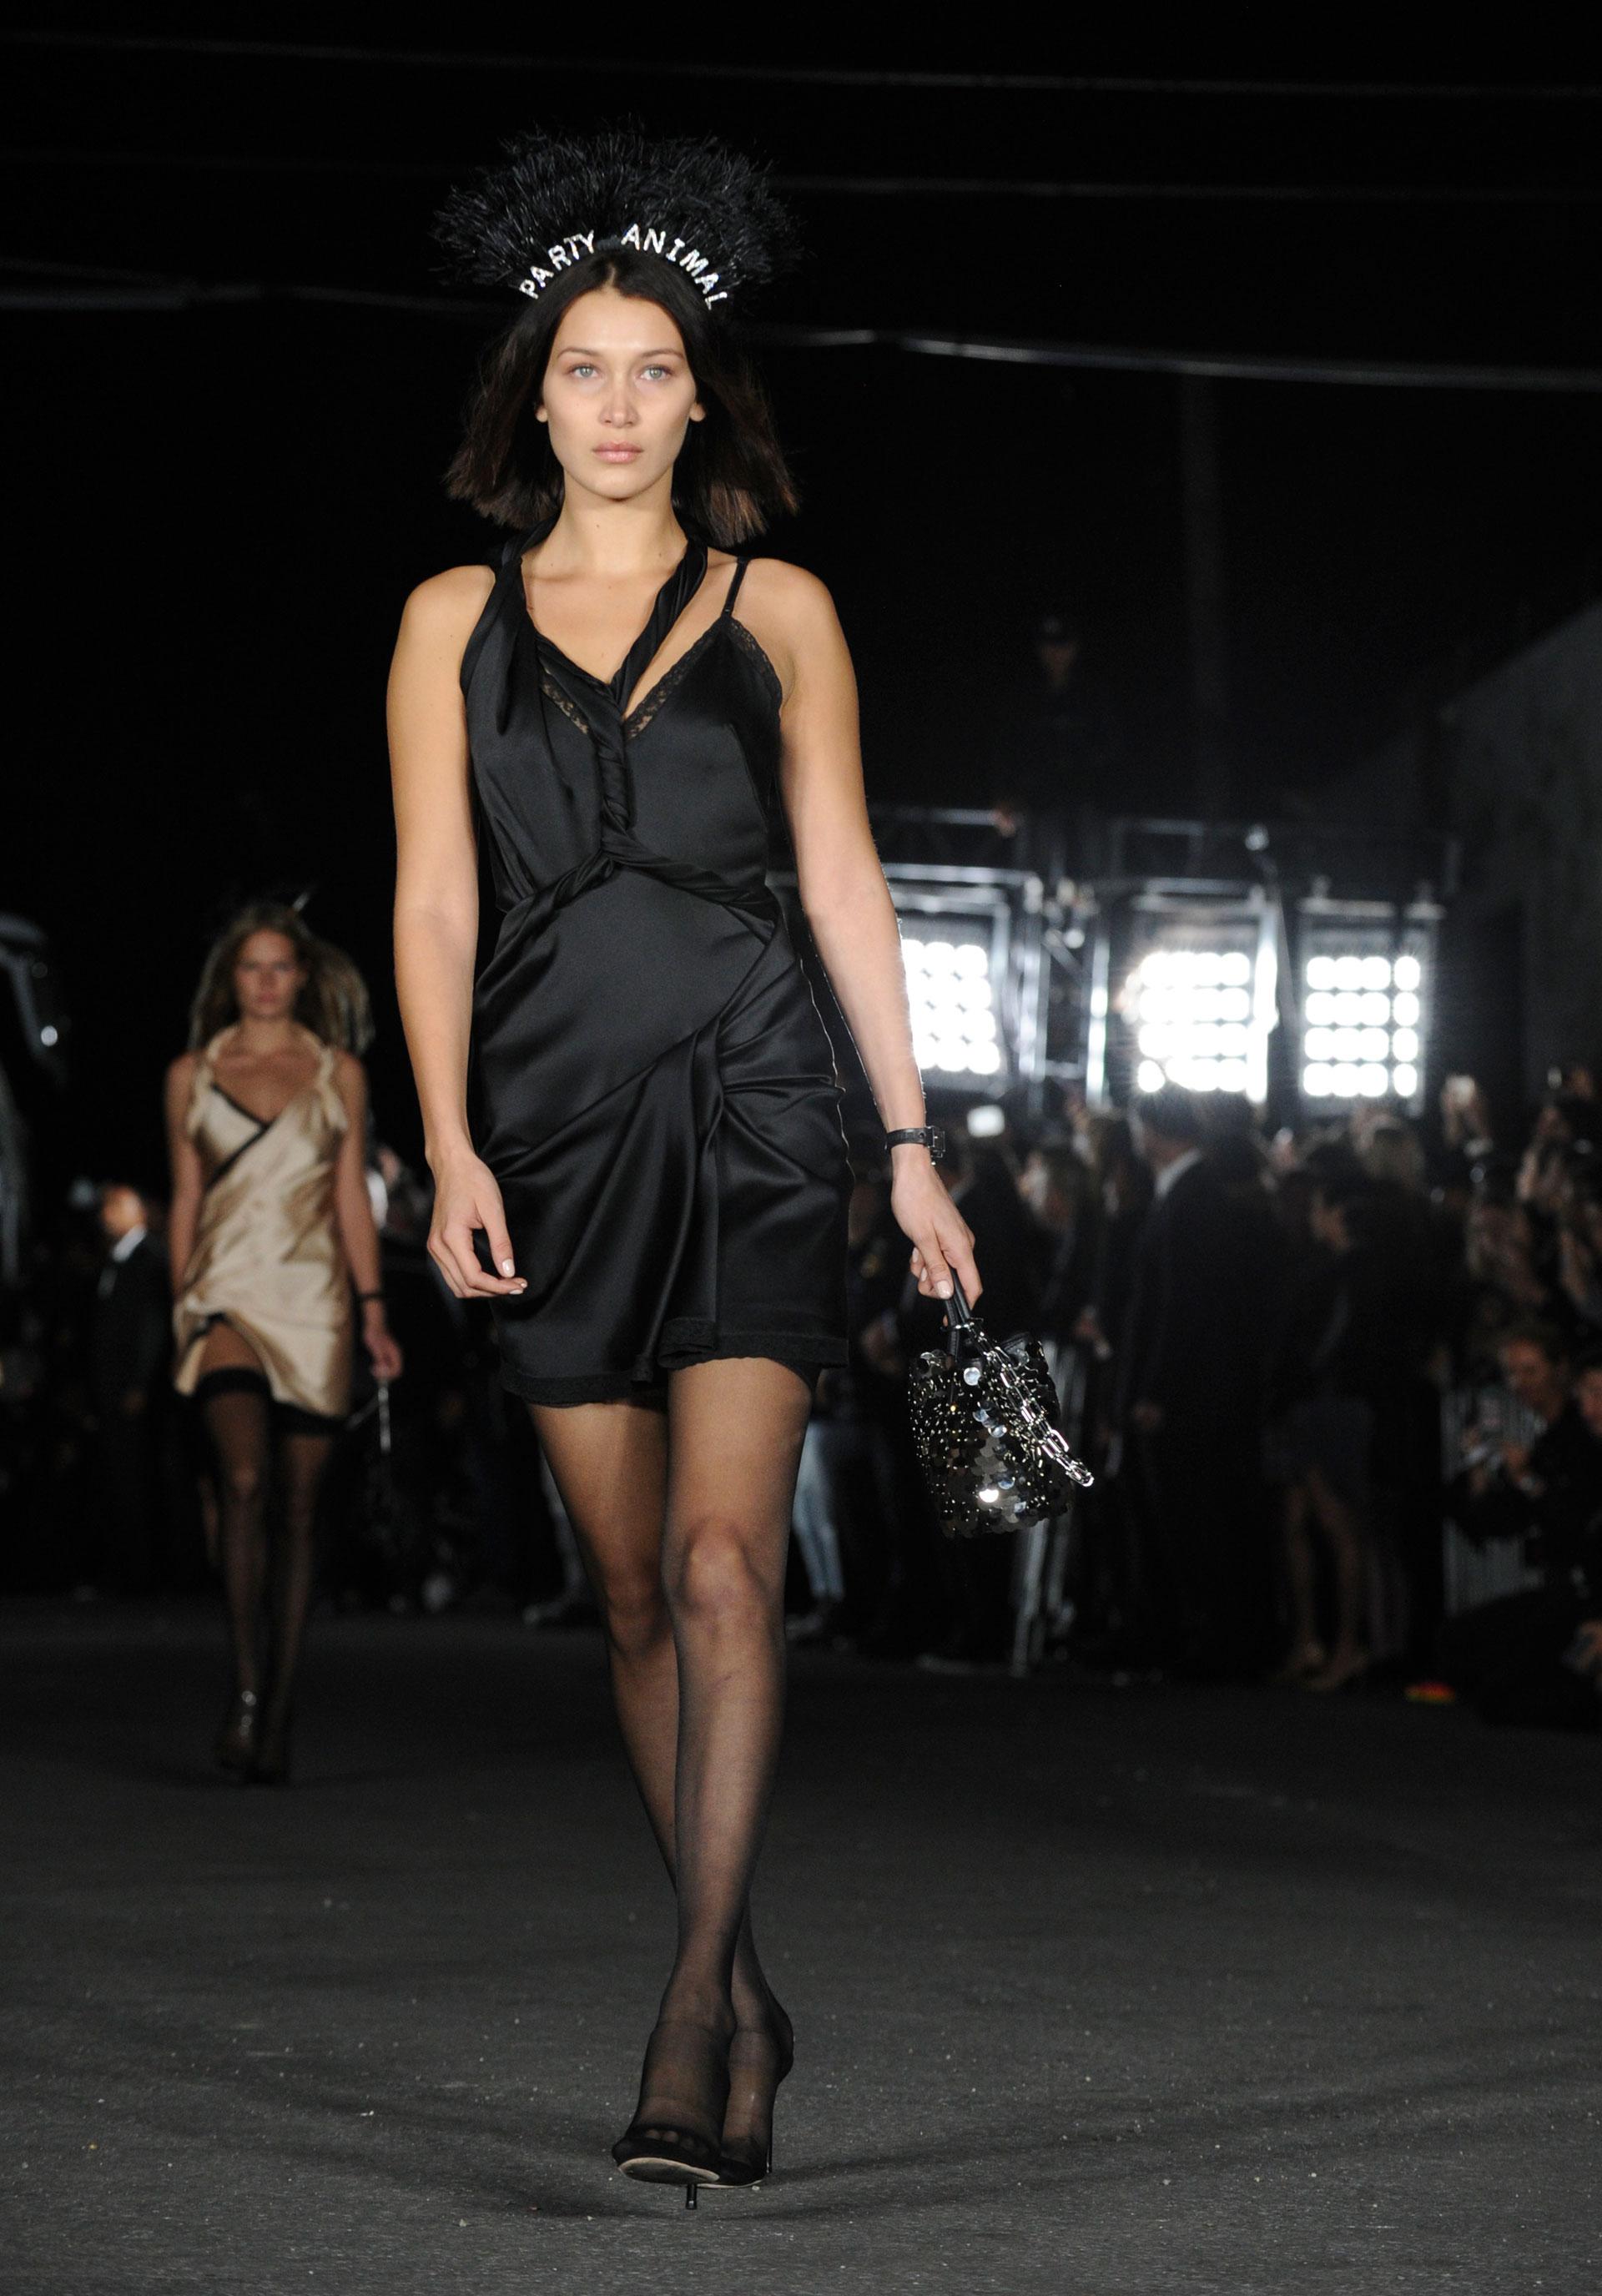 Vestidos lenceros de encaje y satén. Medias 7/8 y stilettos negros. En pasarela la top Bella Hadid con nuevo cambio de look (AP)